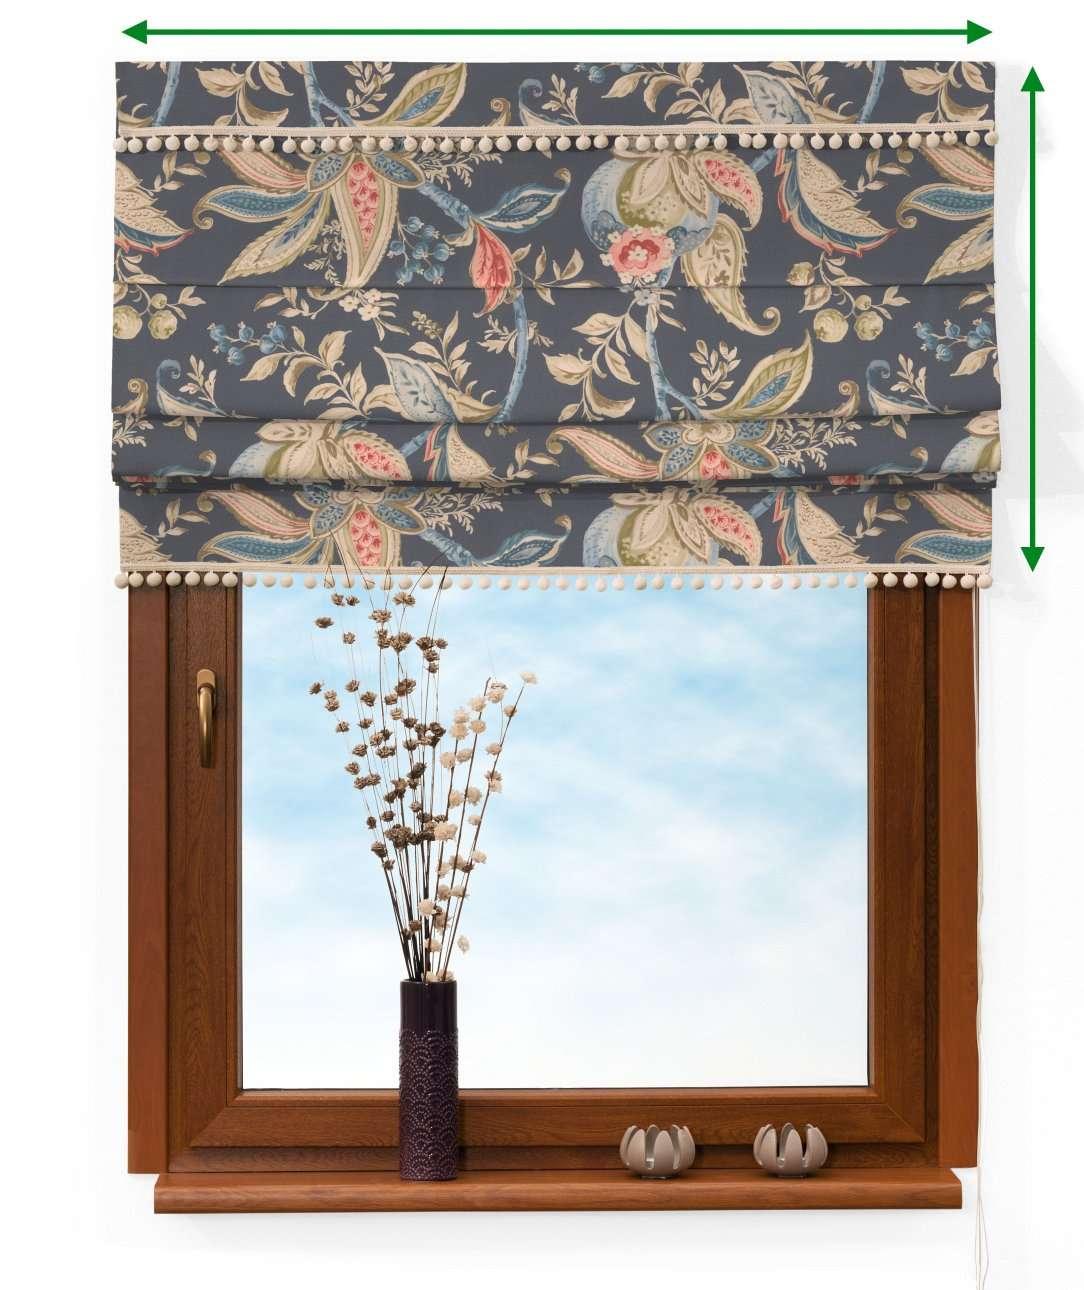 Roleta rímska s brmbolcami V kolekcii Gardenia, tkanina: 142-19